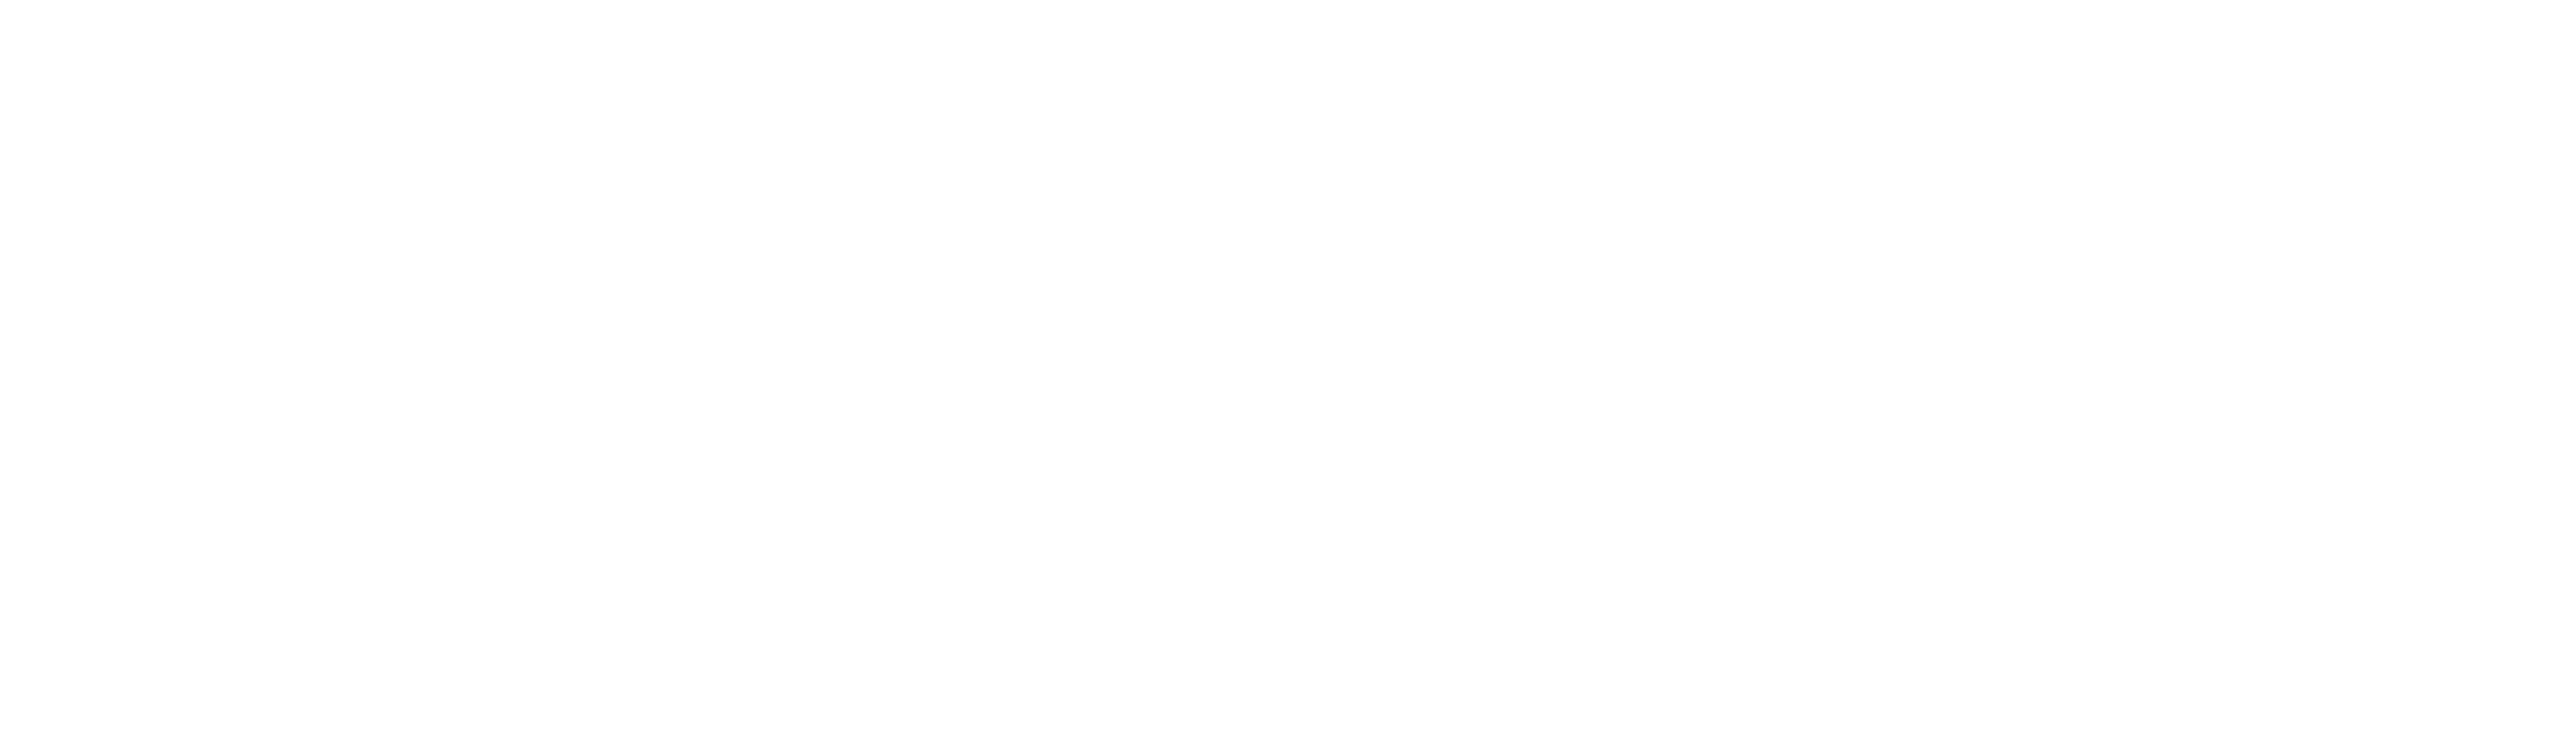 ATD 3 - White